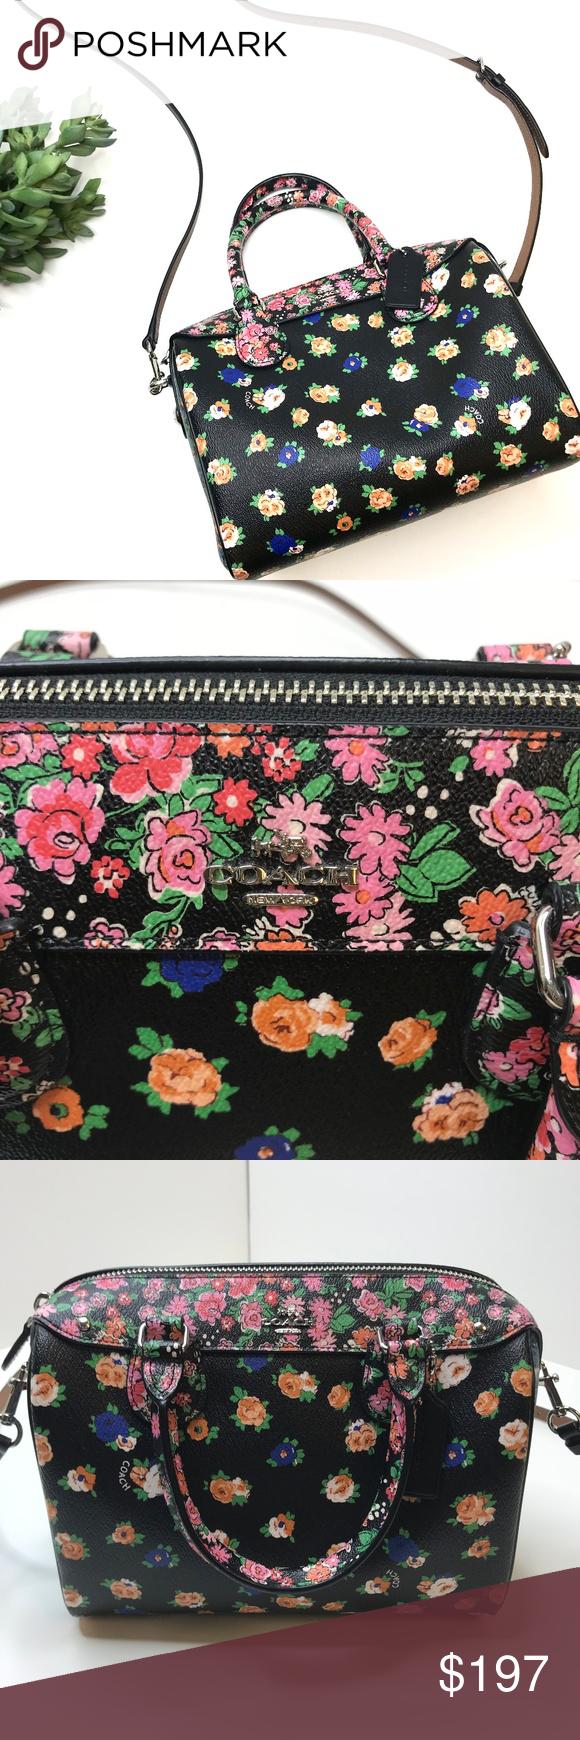 Coach Mini Bennett Satchel Floral Mix Print Bag Caution If You